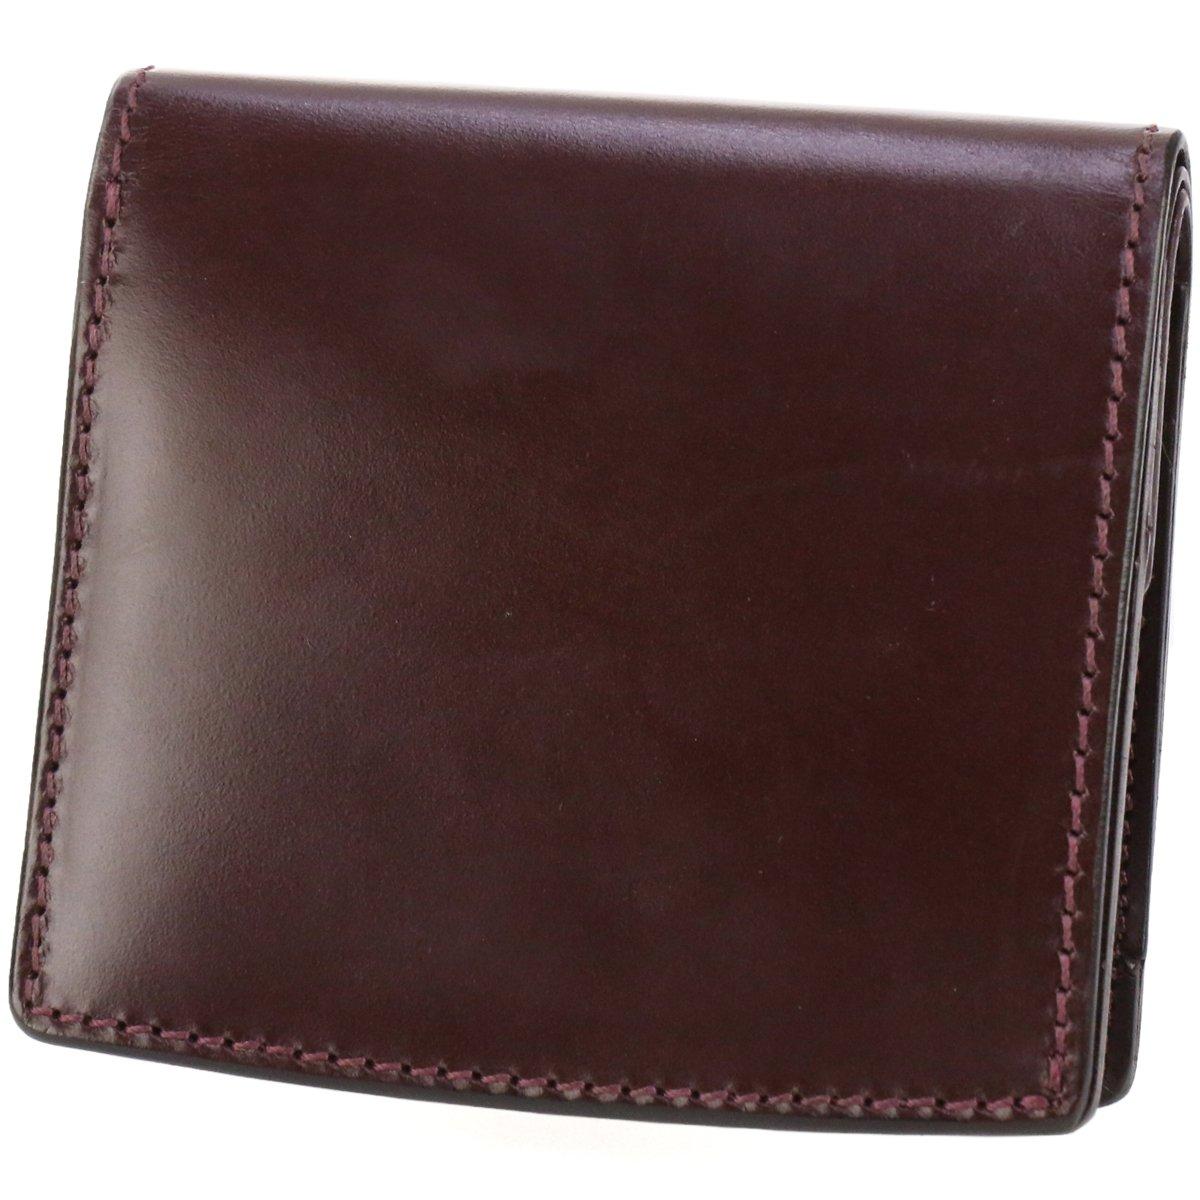 [コルボ] 二つ折り財布 本革 ブライドルレザー 1LD-0239 メンズ B07714ZBJJ ワイン ワイン